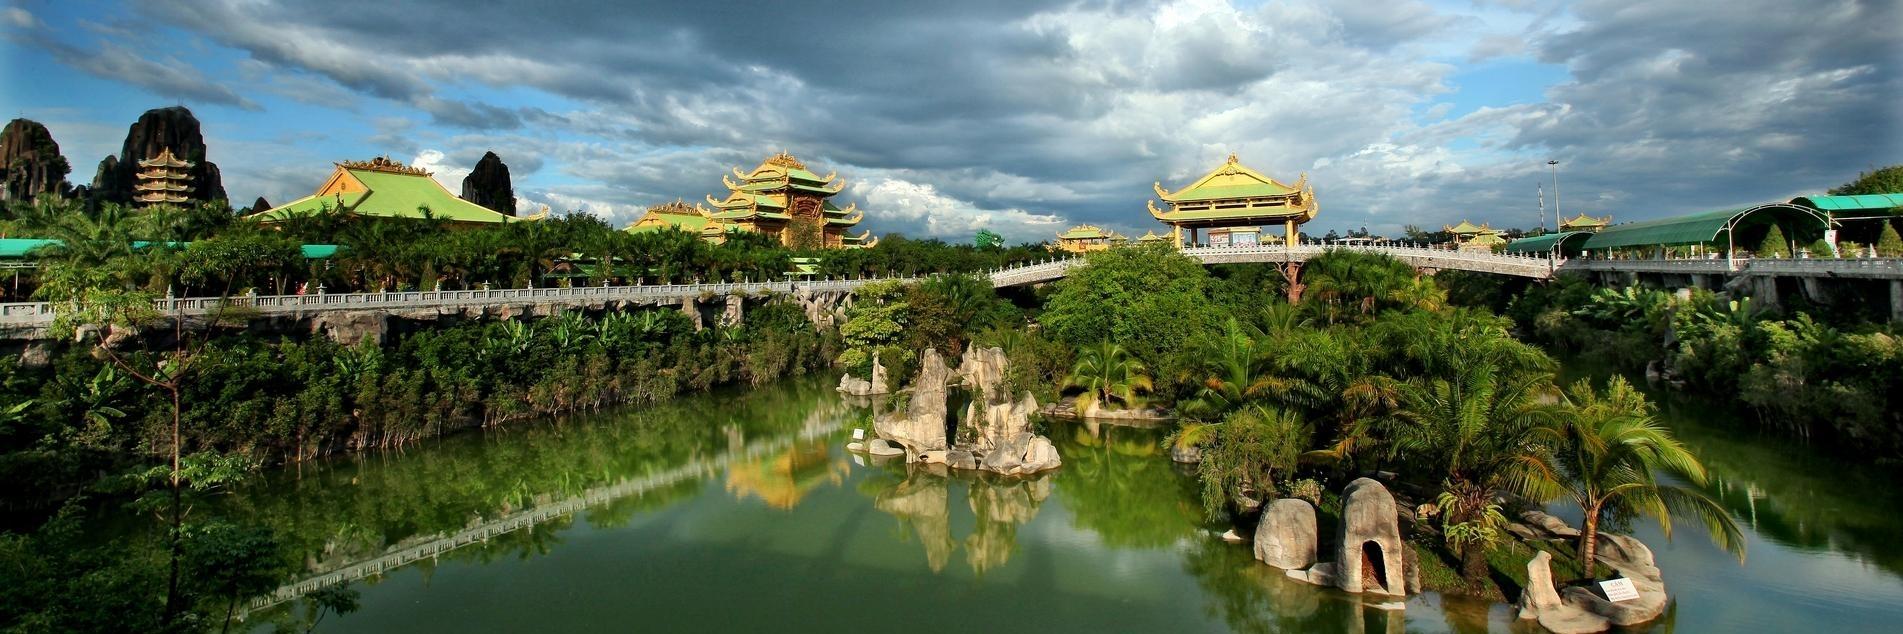 https://gody.vn/blog/nguyentoan05/post/huong-dan-di-tu-sai-gon-den-khu-du-lich-dai-nam-thuan-tien-nhat-4779